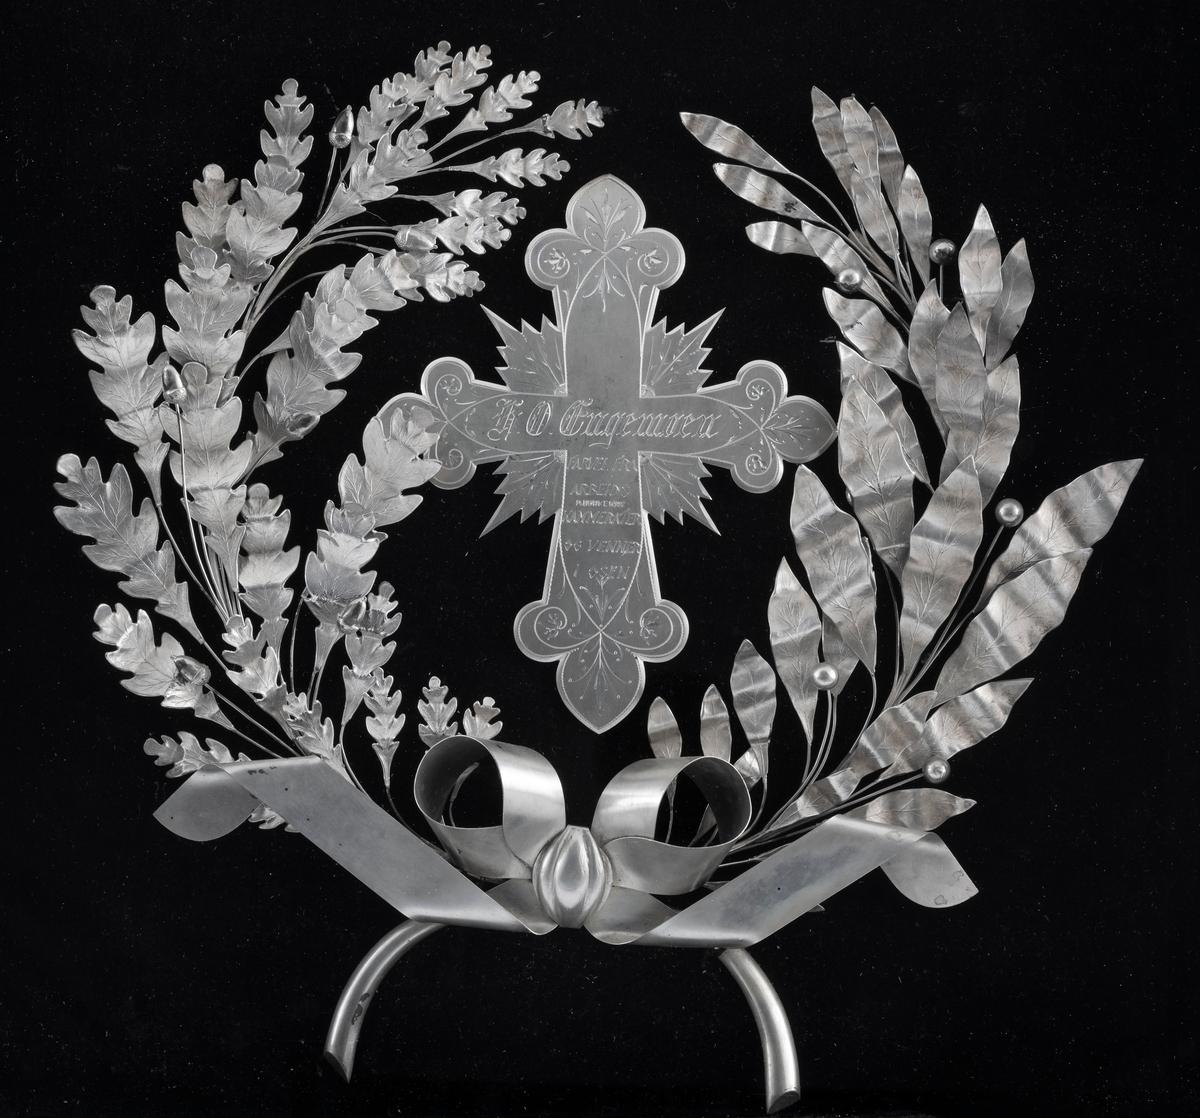 Gravminne, der noen elementer i sølv er ment å være de mest iøynefallende. Den mest sentrale av disse komponentene er et kors, der armene har treflikete avslutninger. Fra hjørnene der disse armene møtes «vokser» det ut spissflikete blader. Korsets ytterkanter har også symmetrisk rankegravyr. Sentralt på korset er følgende tekst inngravert: «H.O.Engemoen  FARVEL FRA ARBEIDSKAMERATER OG VENNER I OSEN». På begge sider av korset ligger det buete kvister - på den ene sida en eikekvist med nøtter og på den andre en kvist med mer spissovale blader og kuleformete fruktlegemer. De to kvistene møtes i ei stililsert sløyfe av tynne sølvband, plassert sentralt under korset. De beskrevne sølvornamentene er plassert på ei pute som er trukket med et svart, plysjliknende stoff. Hele montasjen ligger i ei svartmalt, nesten kvadratisk trekasse. Standflata er 42,5 centimeter bred og 42,8 centimeter høy. Lokket er 43,4 centimeter bredt og 43,8 centimeter høyt. Sjølve kassa er 40,2 centimeter bred og 40,8 centimeter høy. Høyden fra standflata til lokkets overkant er 10,9 centimeter i fronten og 15,5 centimeter i bakkant. I lokket er det ei glassrute - 34,8 X 35,0 centimeter - som gjør det mulig å se ned på sølvkomponentene på den svarte puta. I den fremre veggen på kassa er det et nøkkelhull. Nøkkelen later ikke til å være bevart.